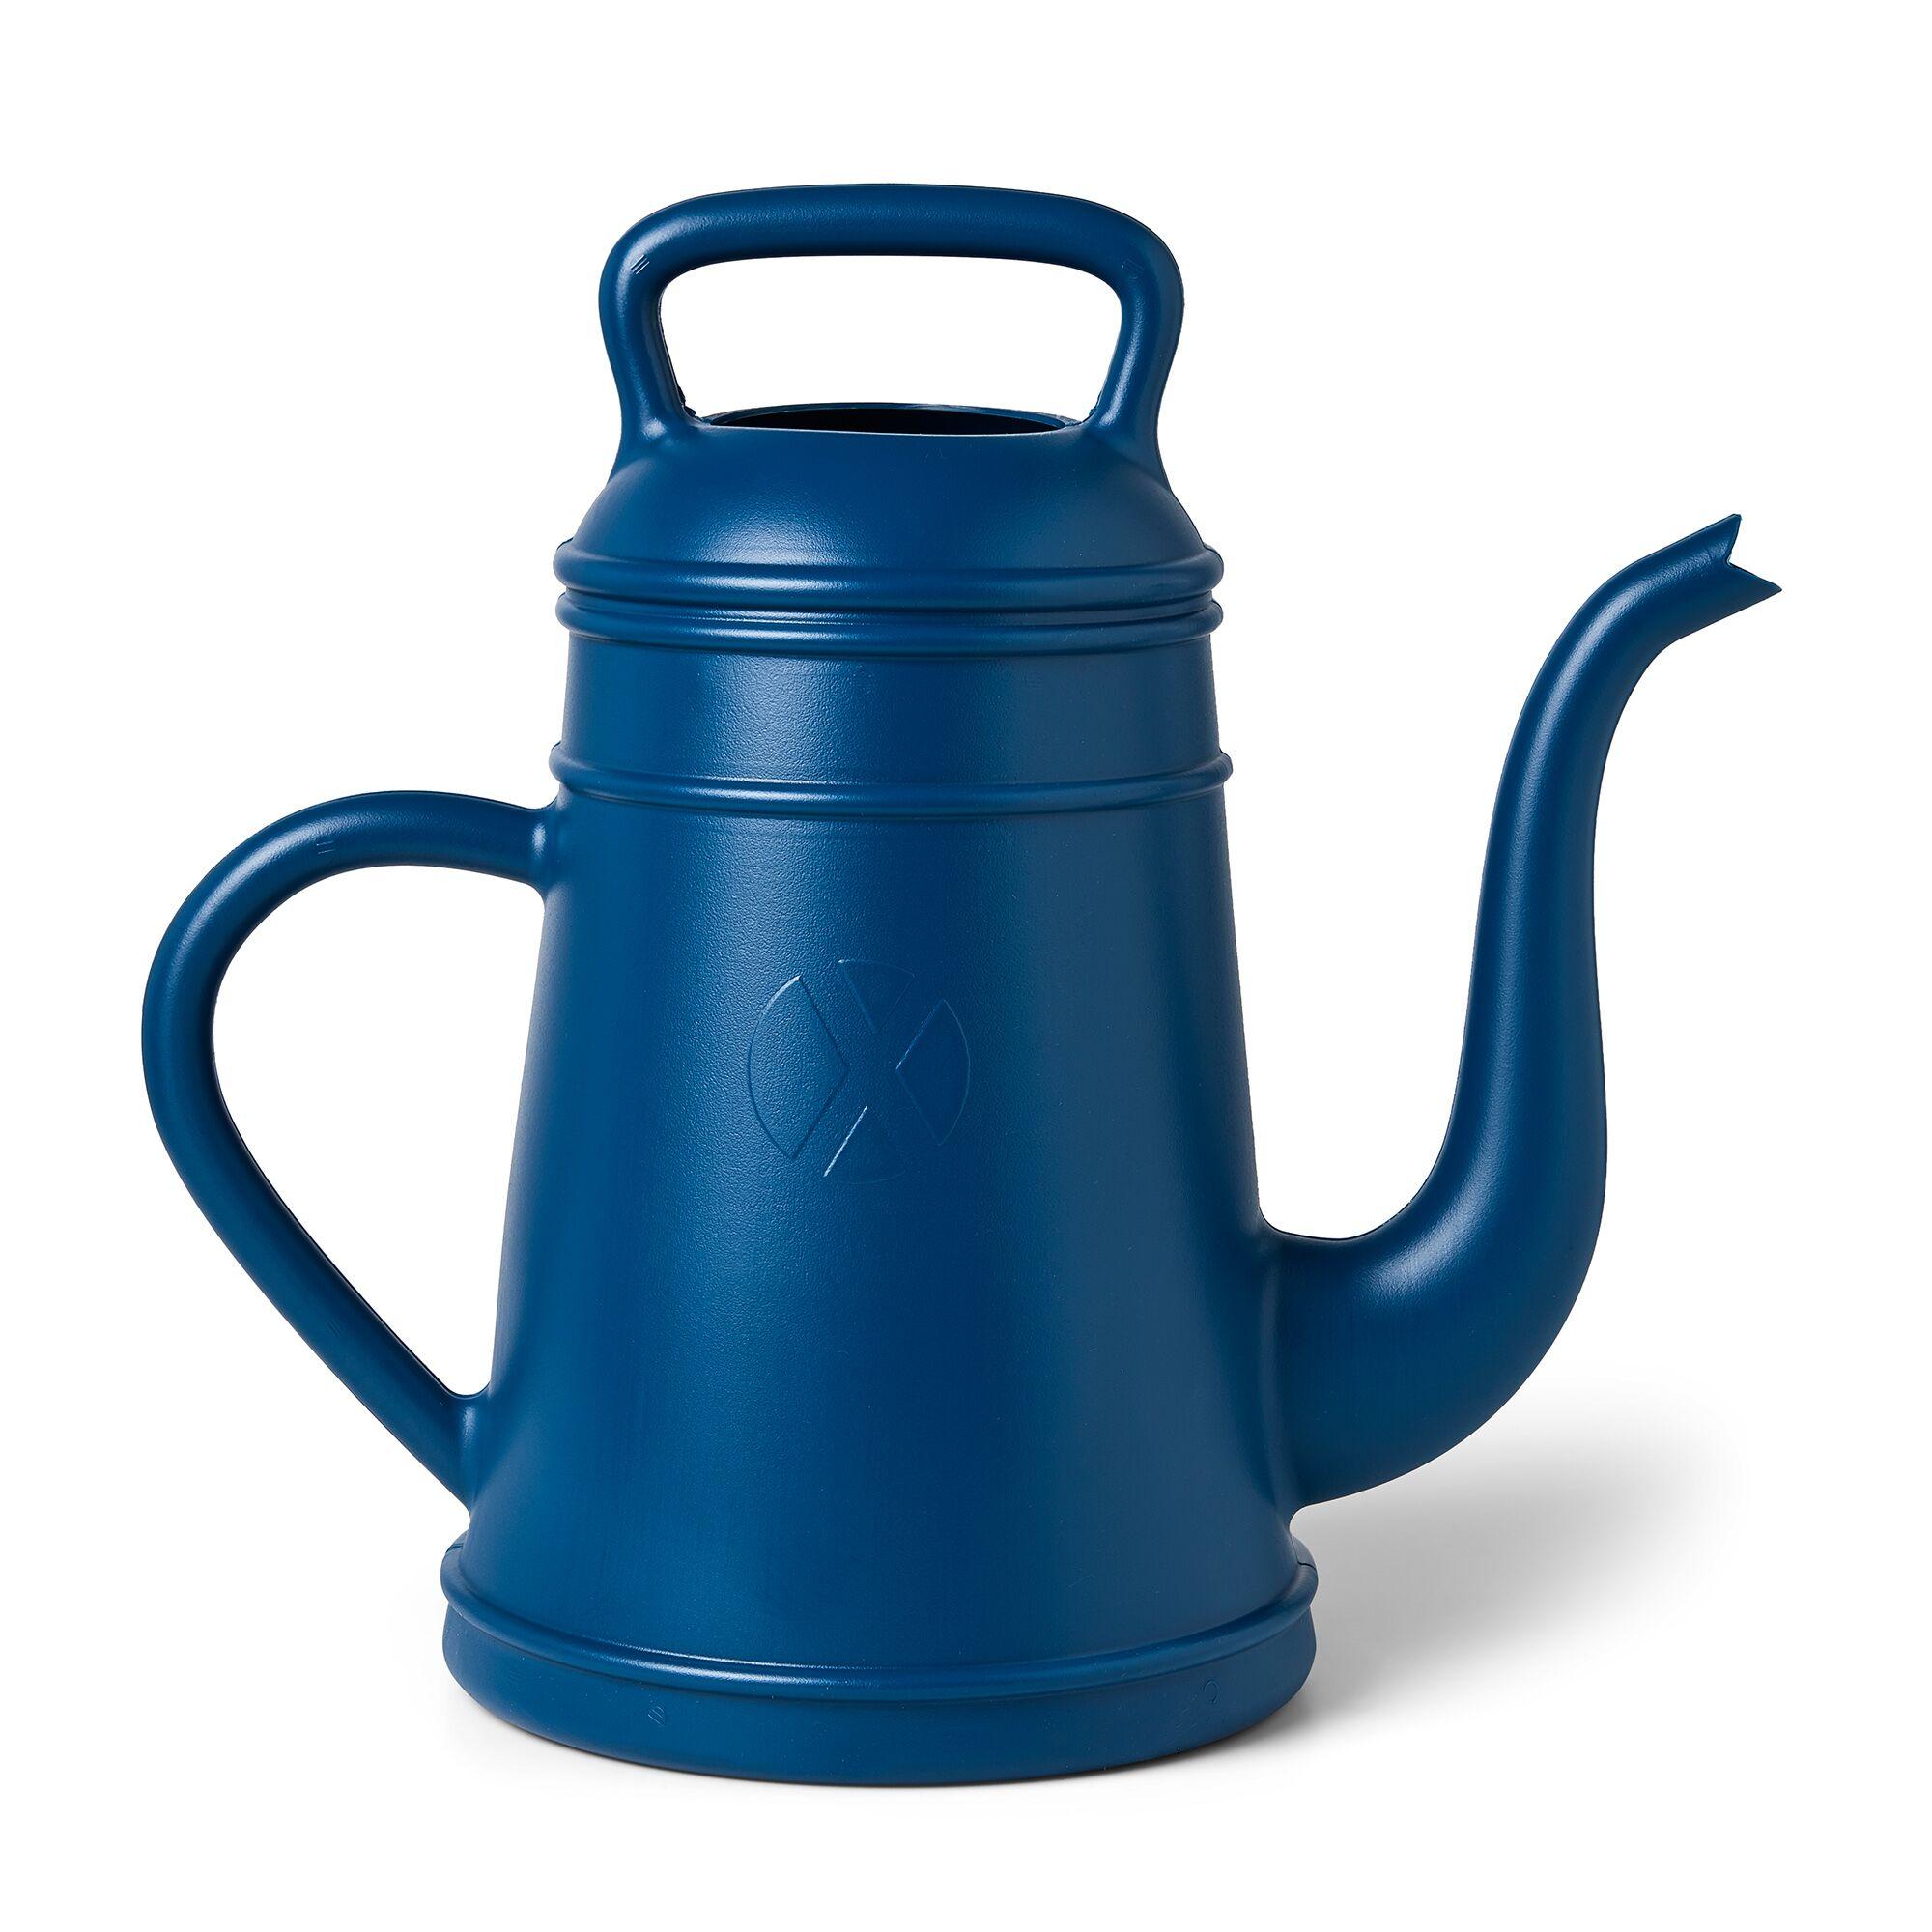 Gieter Xala Lungo deep blue